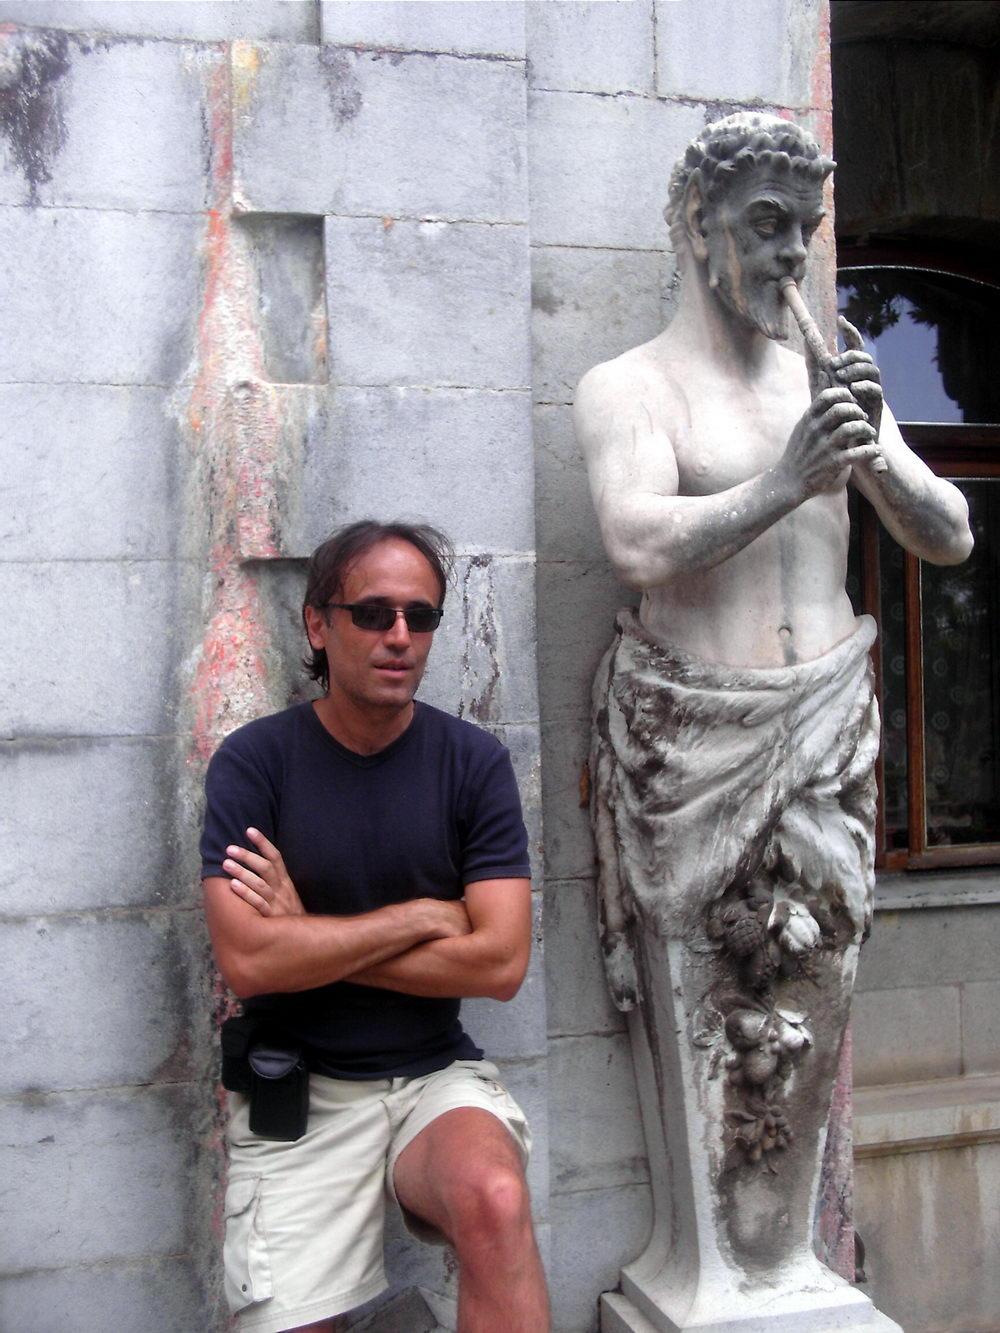 Vaš reporter pored Pana, ispred Masandrovskog dvorca